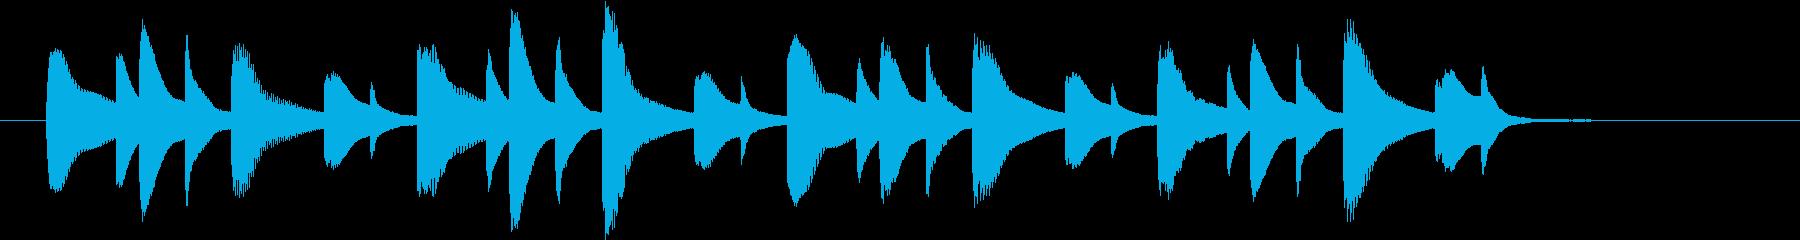 明るめの場面切り替えに使えるジングルの再生済みの波形